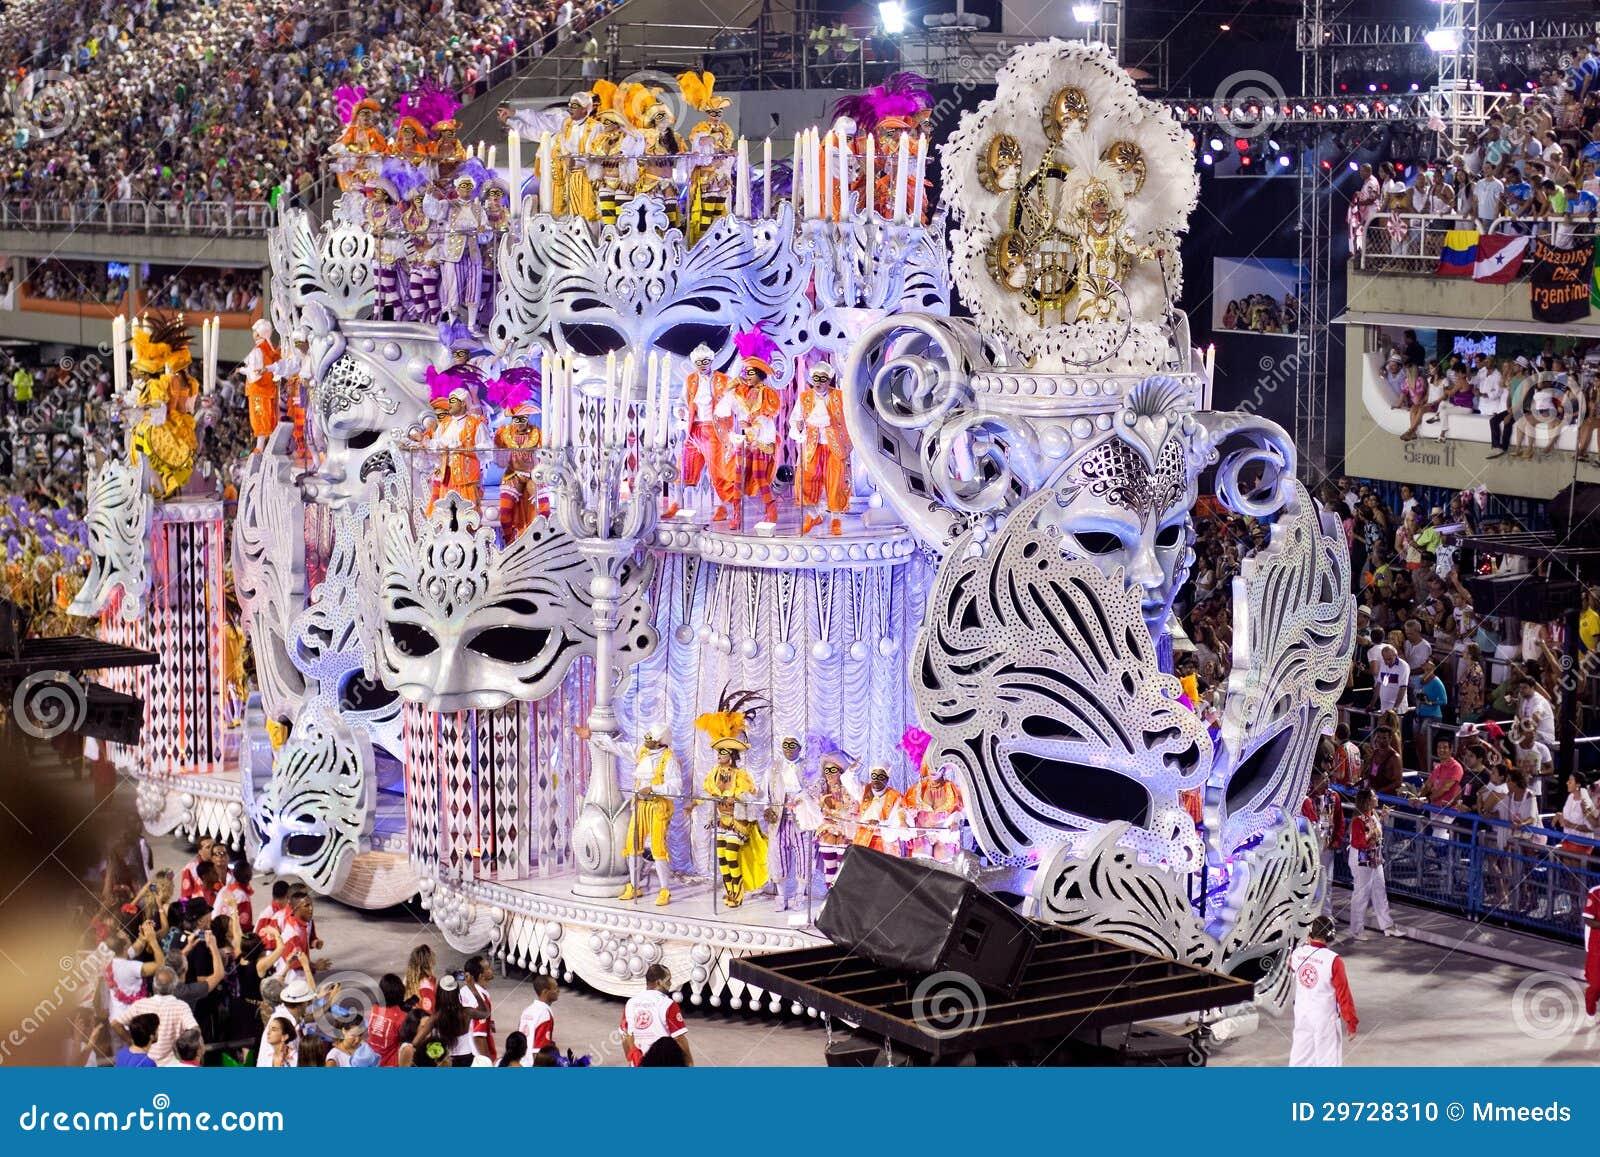 RIO DE JANEIRO - 11 FEBRUARI: Toon met decoratie op Carnaval